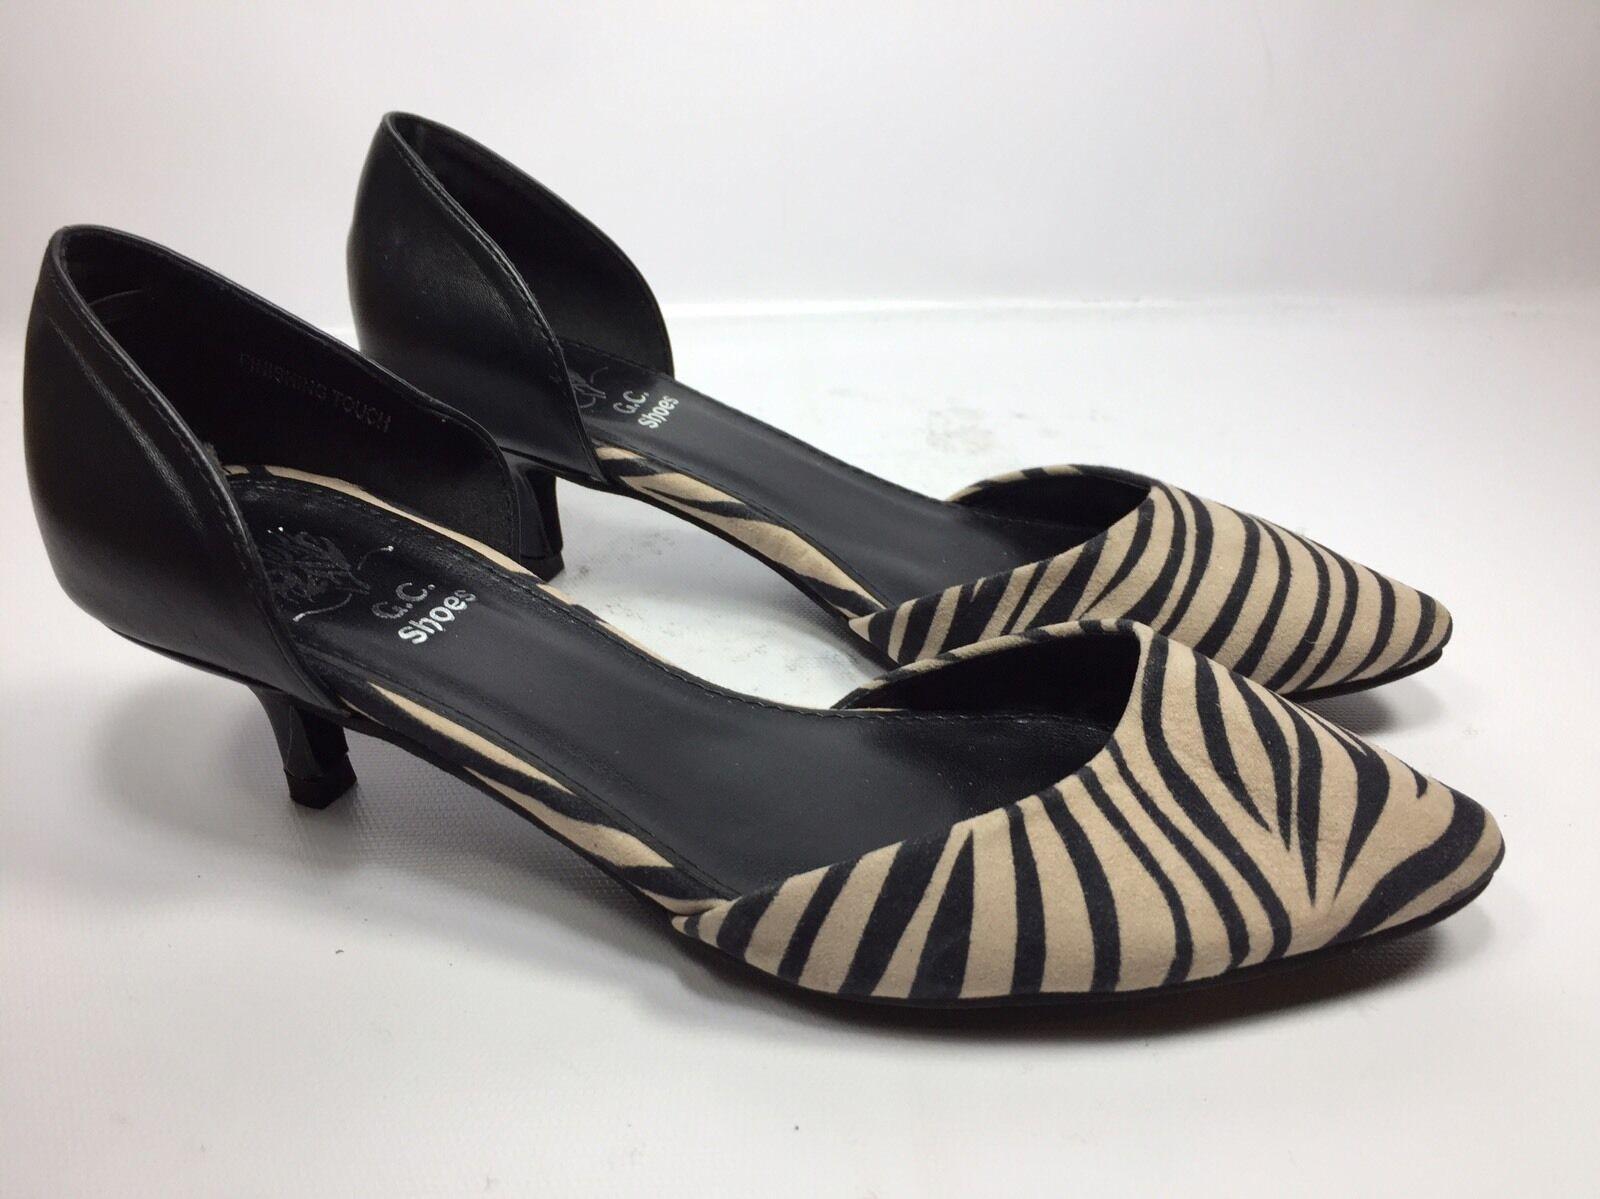 G.C. Shoes Heels Women's Black/Ivory Zebra Print Kitten Heels Shoes Shoe Size 7.5 eea919